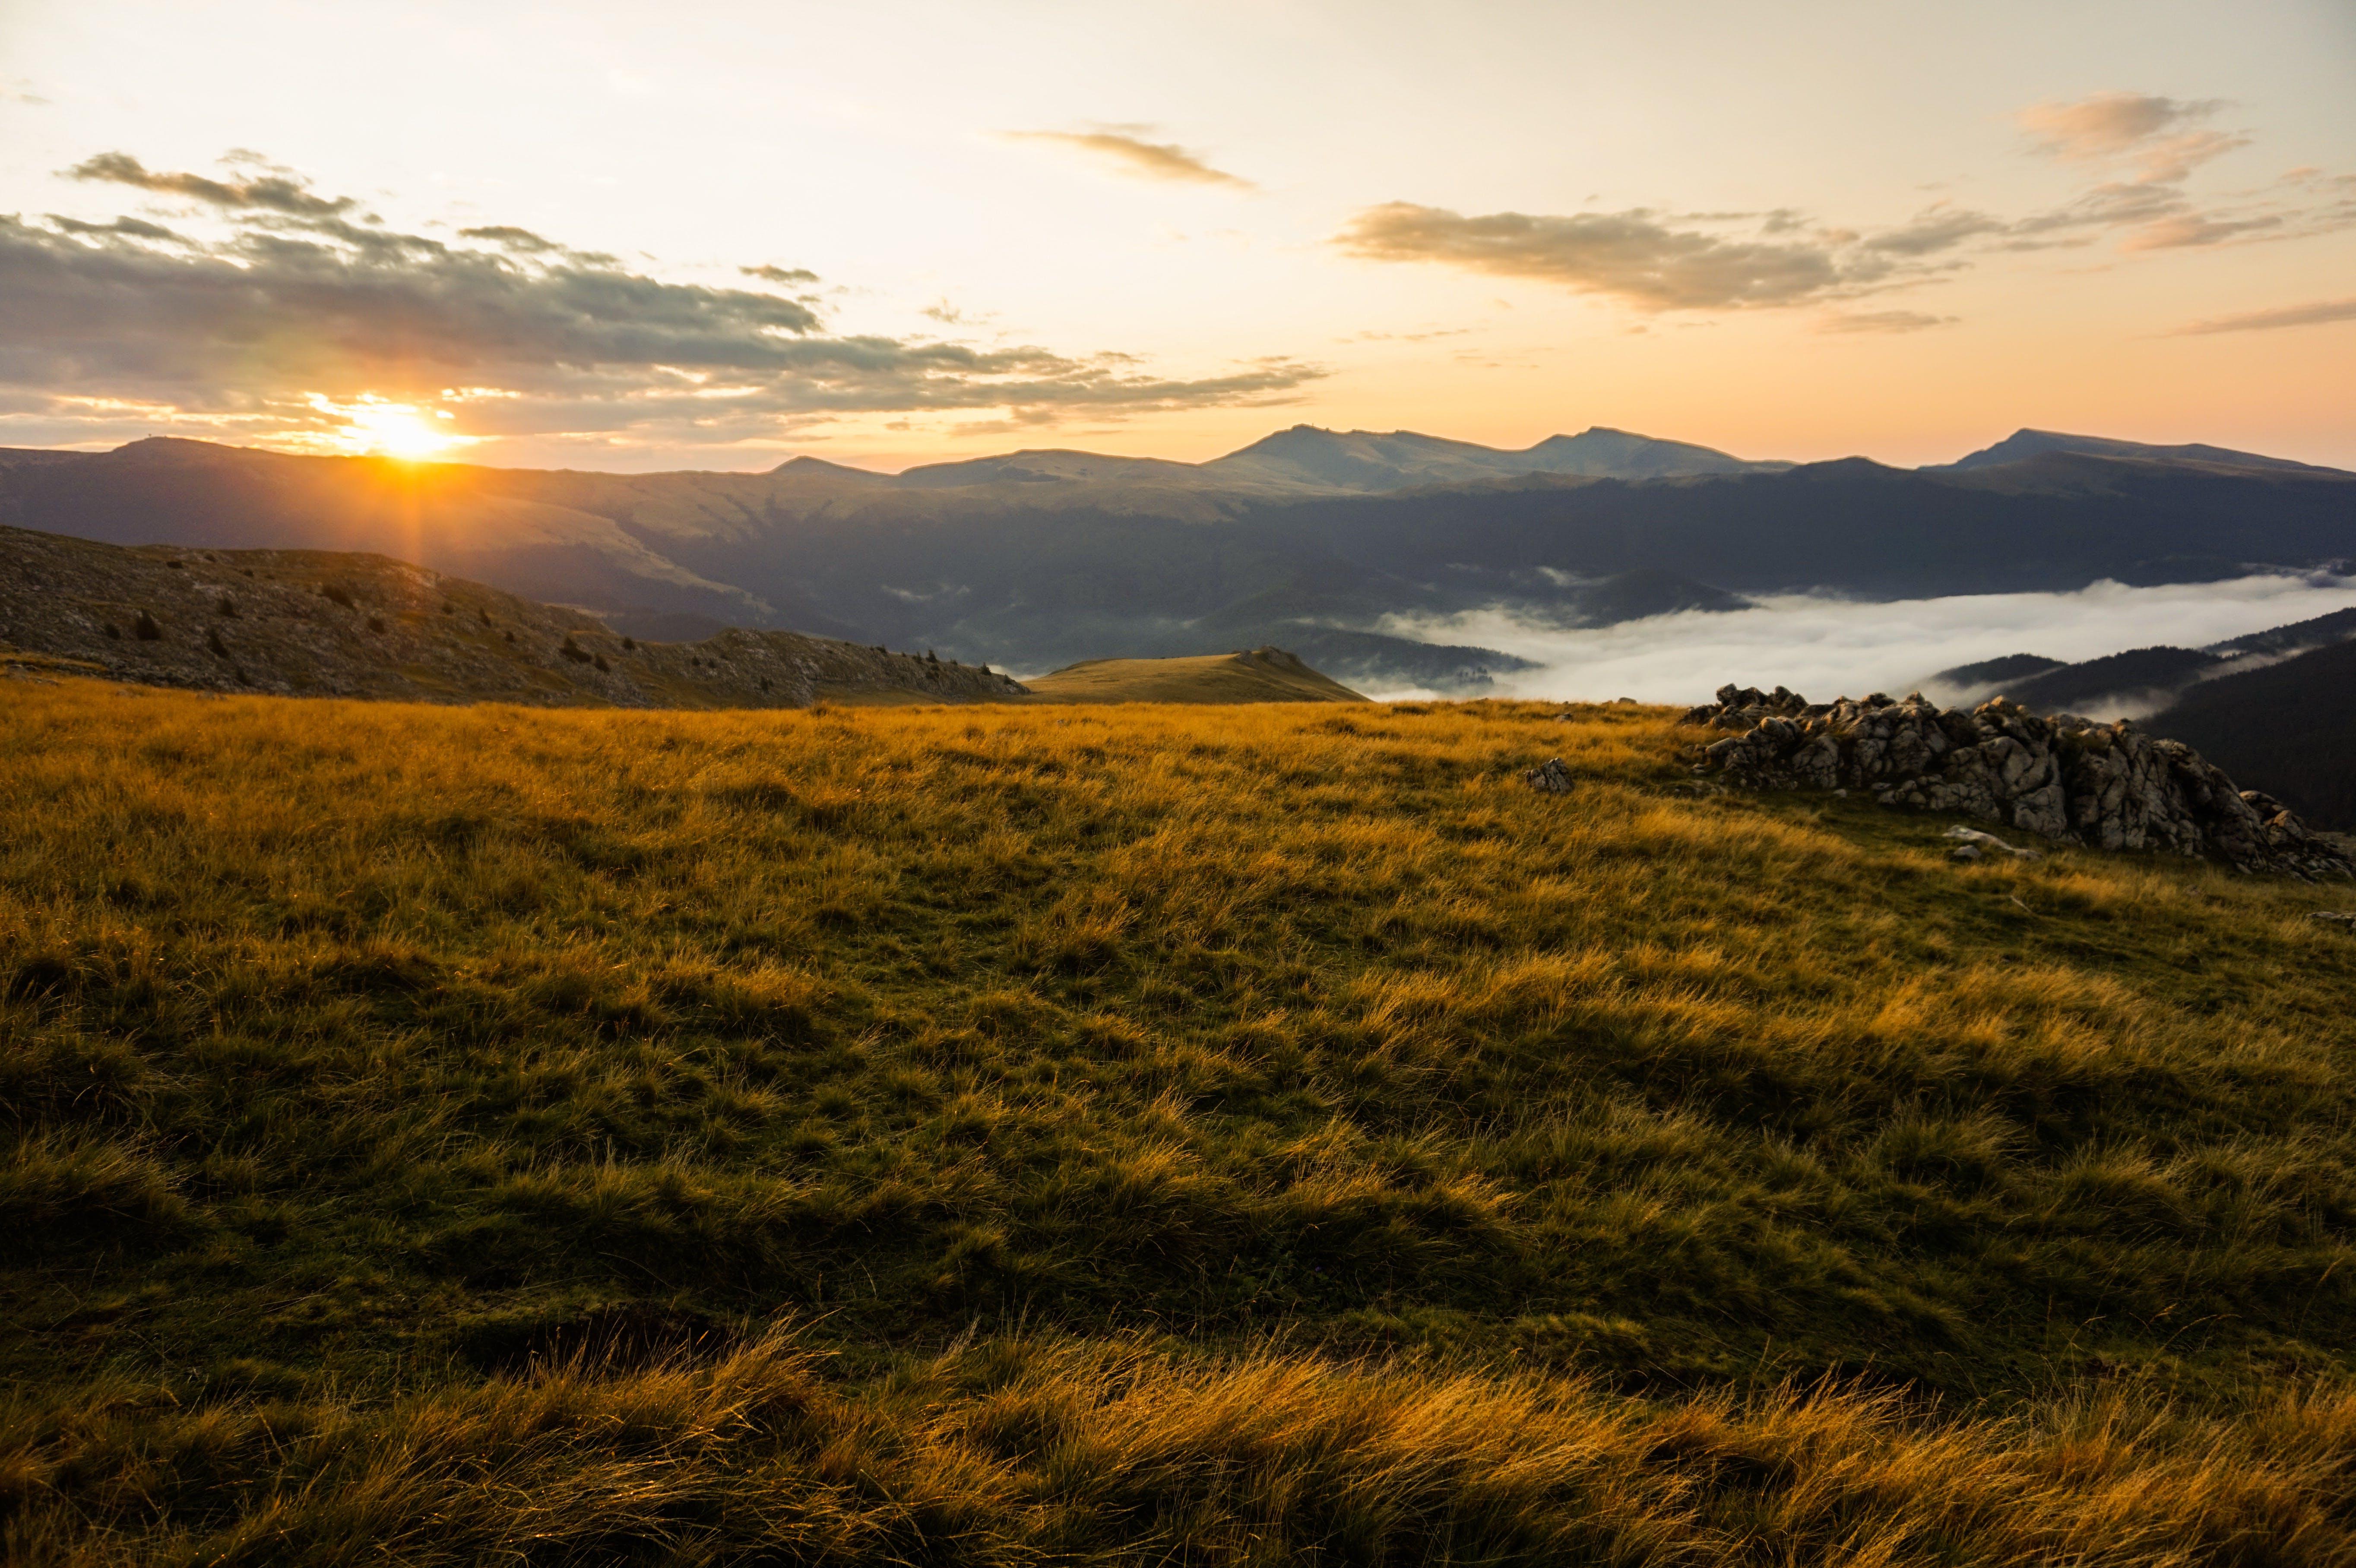 akşam, alan, çim, çimenlik içeren Ücretsiz stok fotoğraf